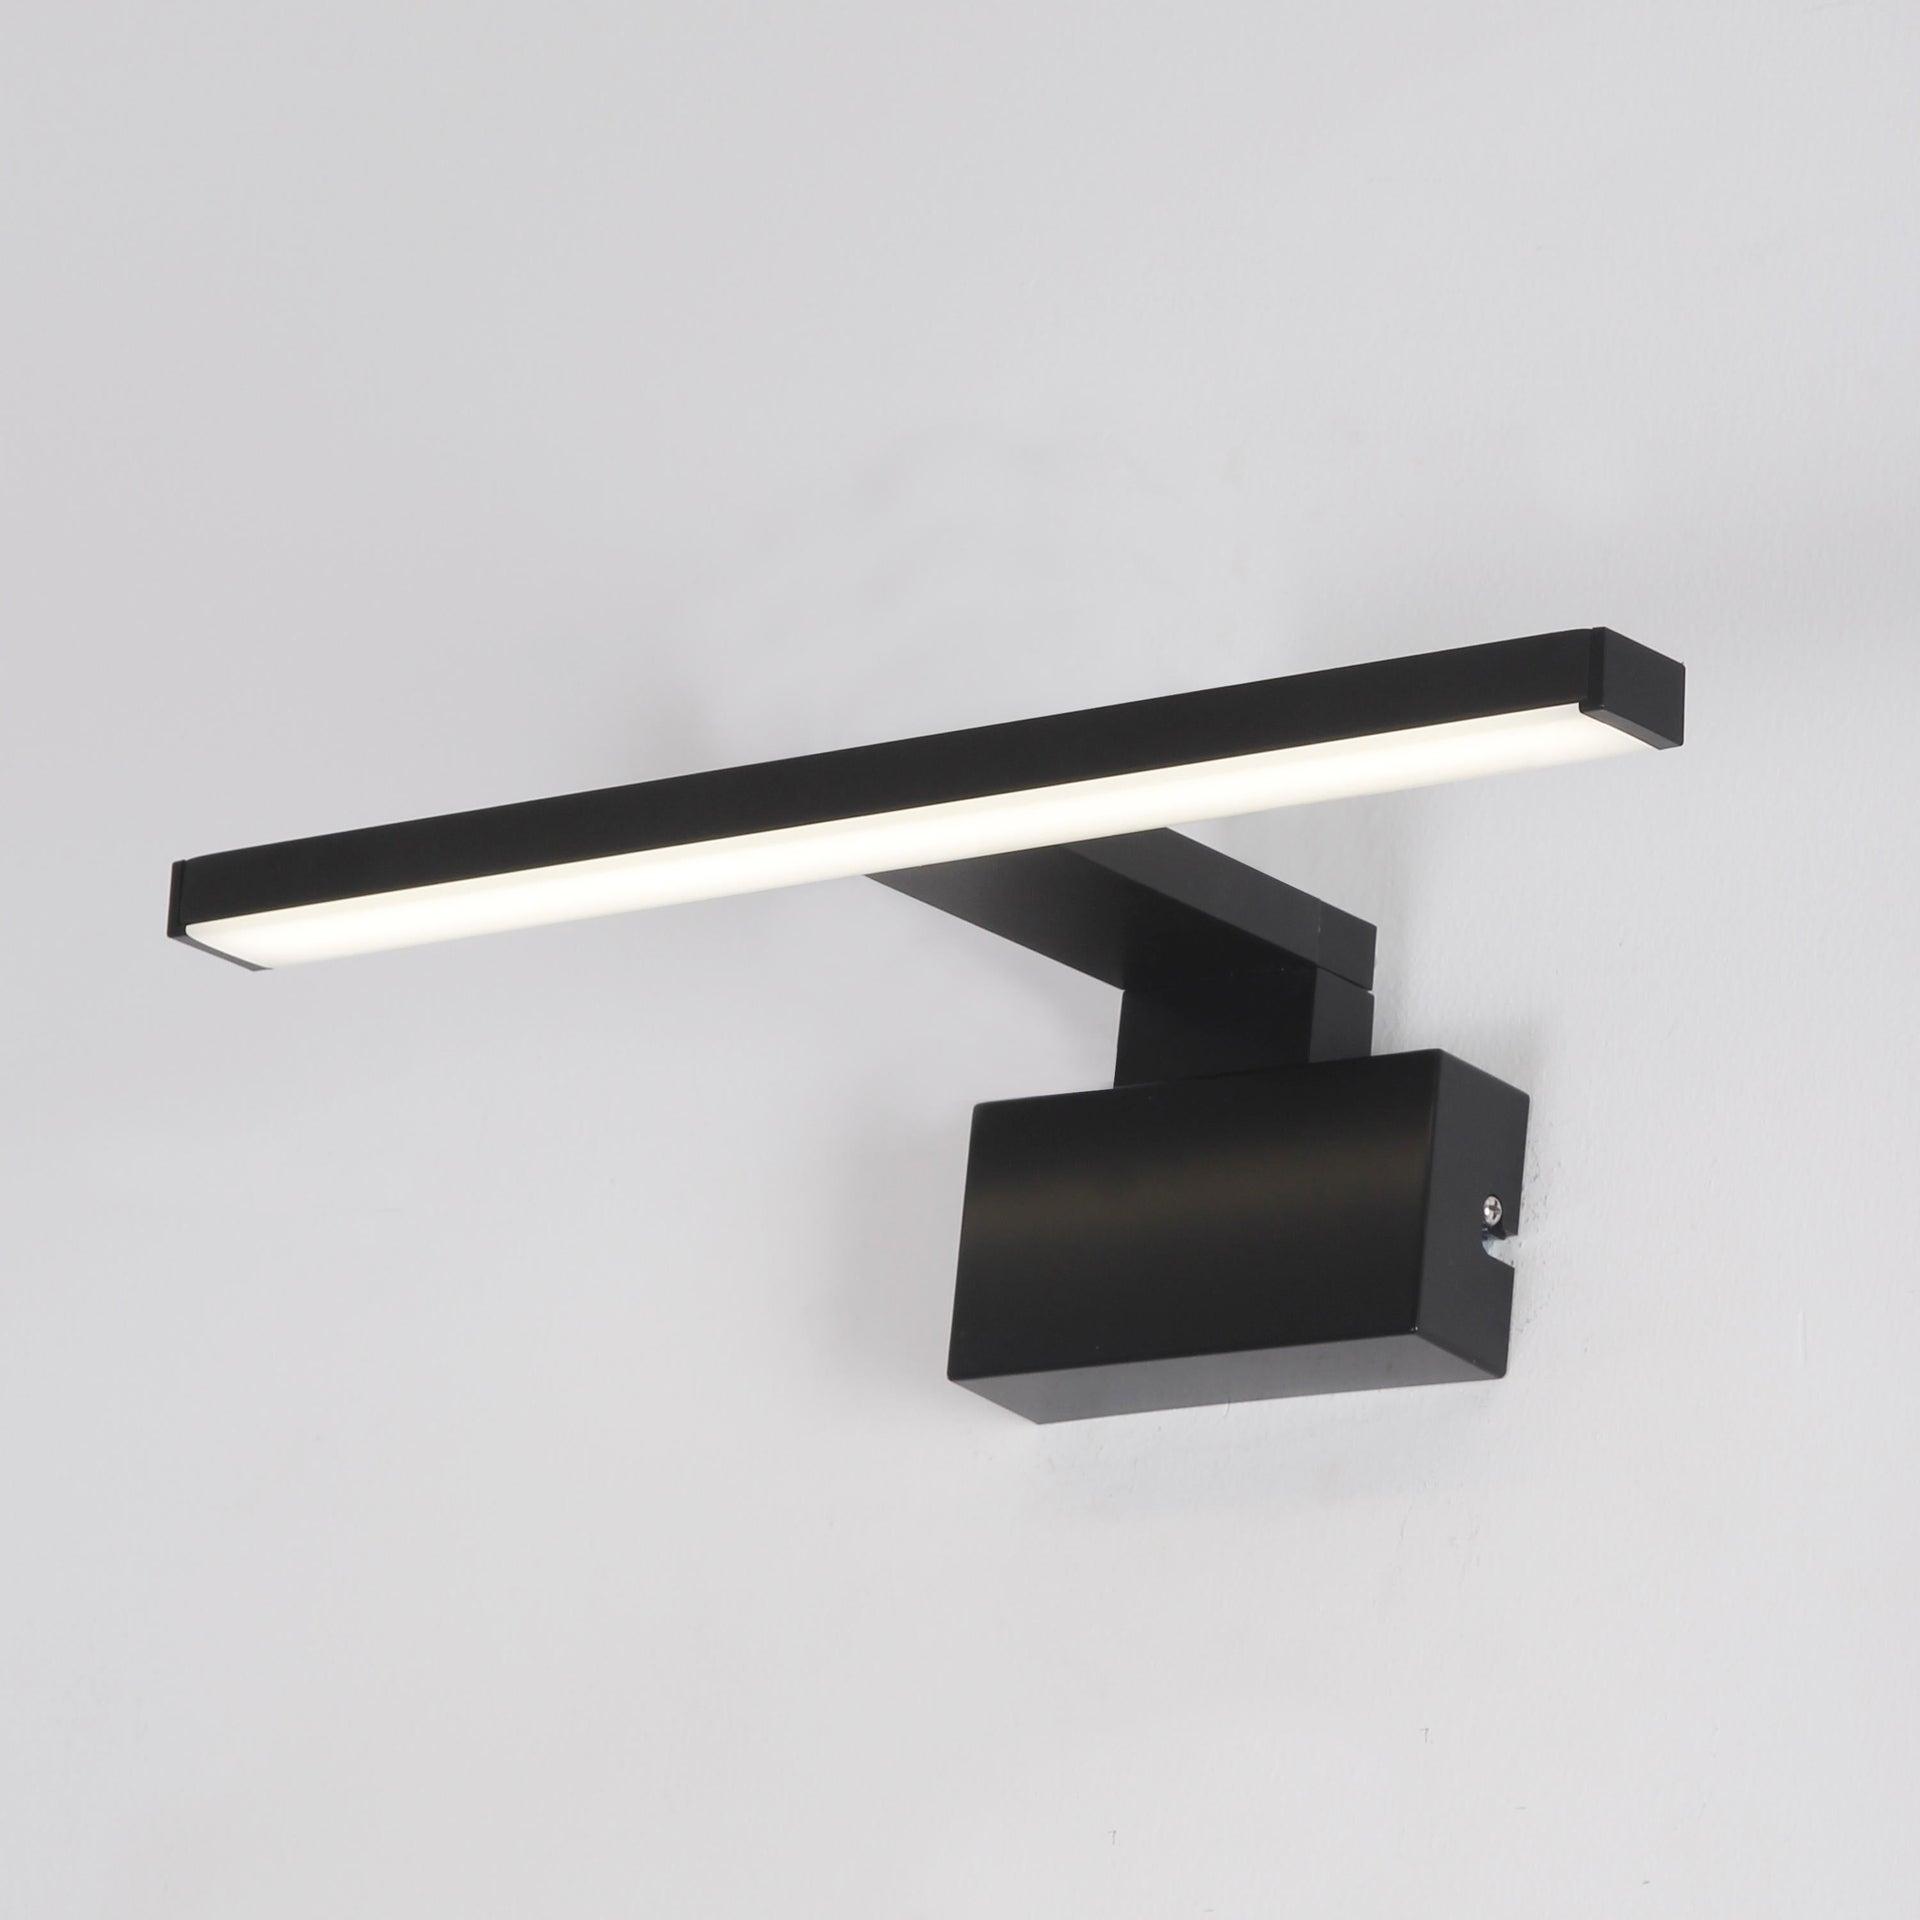 Applique moderno Slim con kit multi attacco , in alluminio, 50.0x50.0 cm, INSPIRE - 12